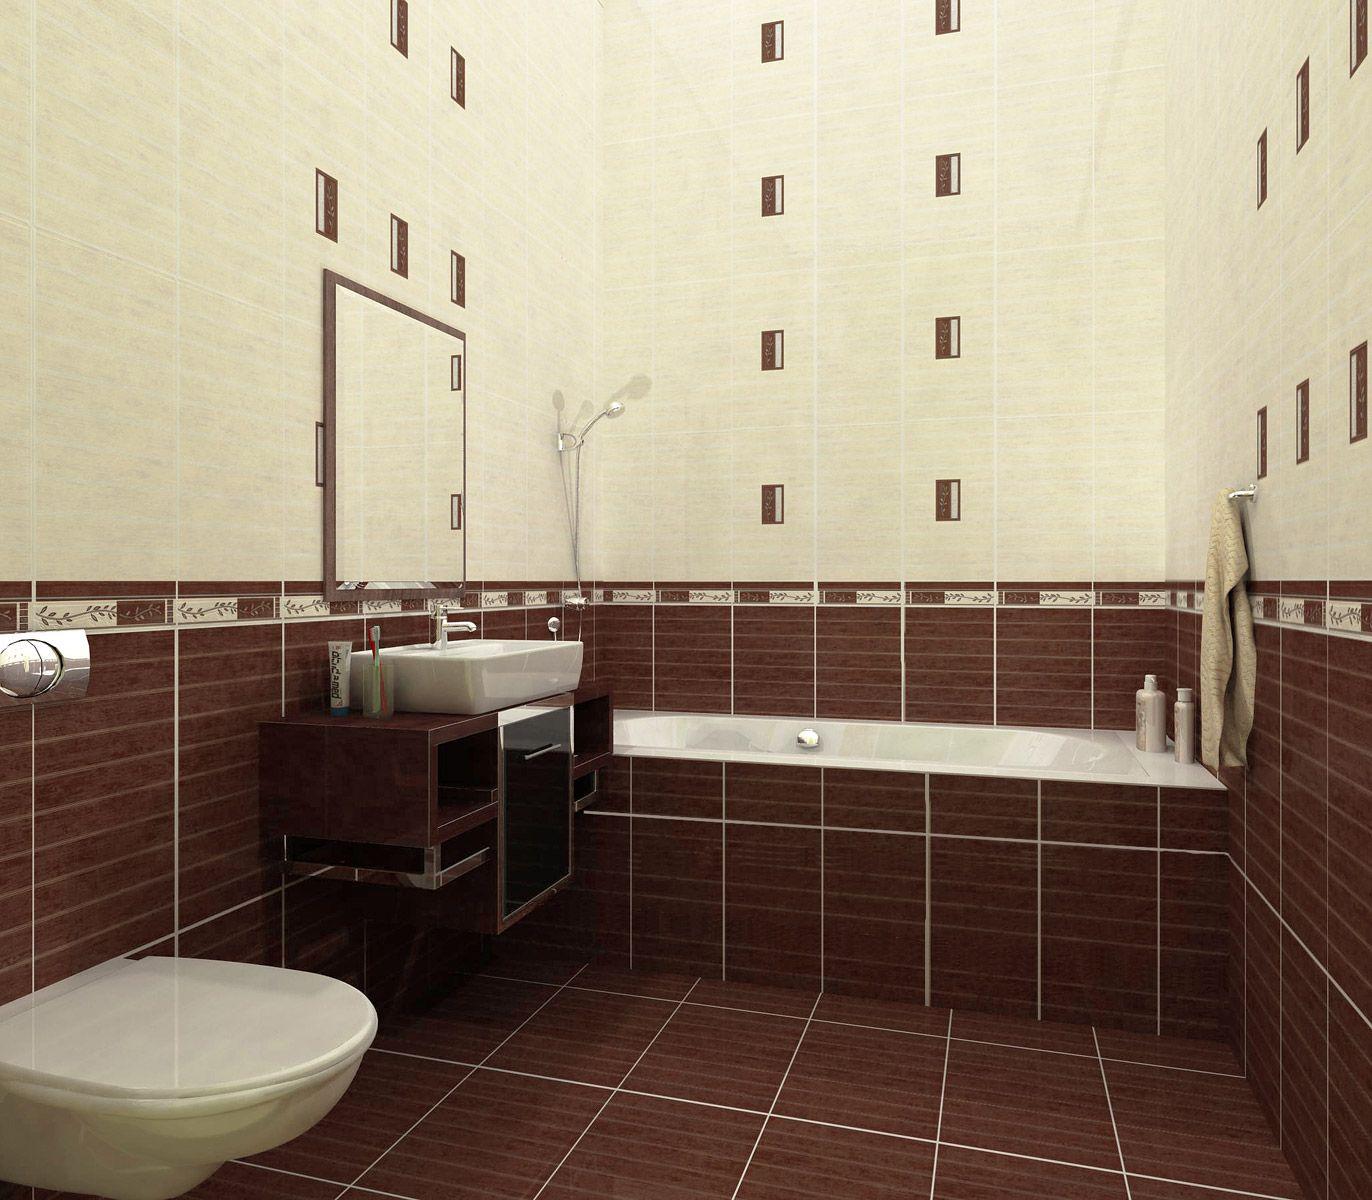 Кафельная плитка коричневого и белого цвета для отделки маленькой ванной комнаты